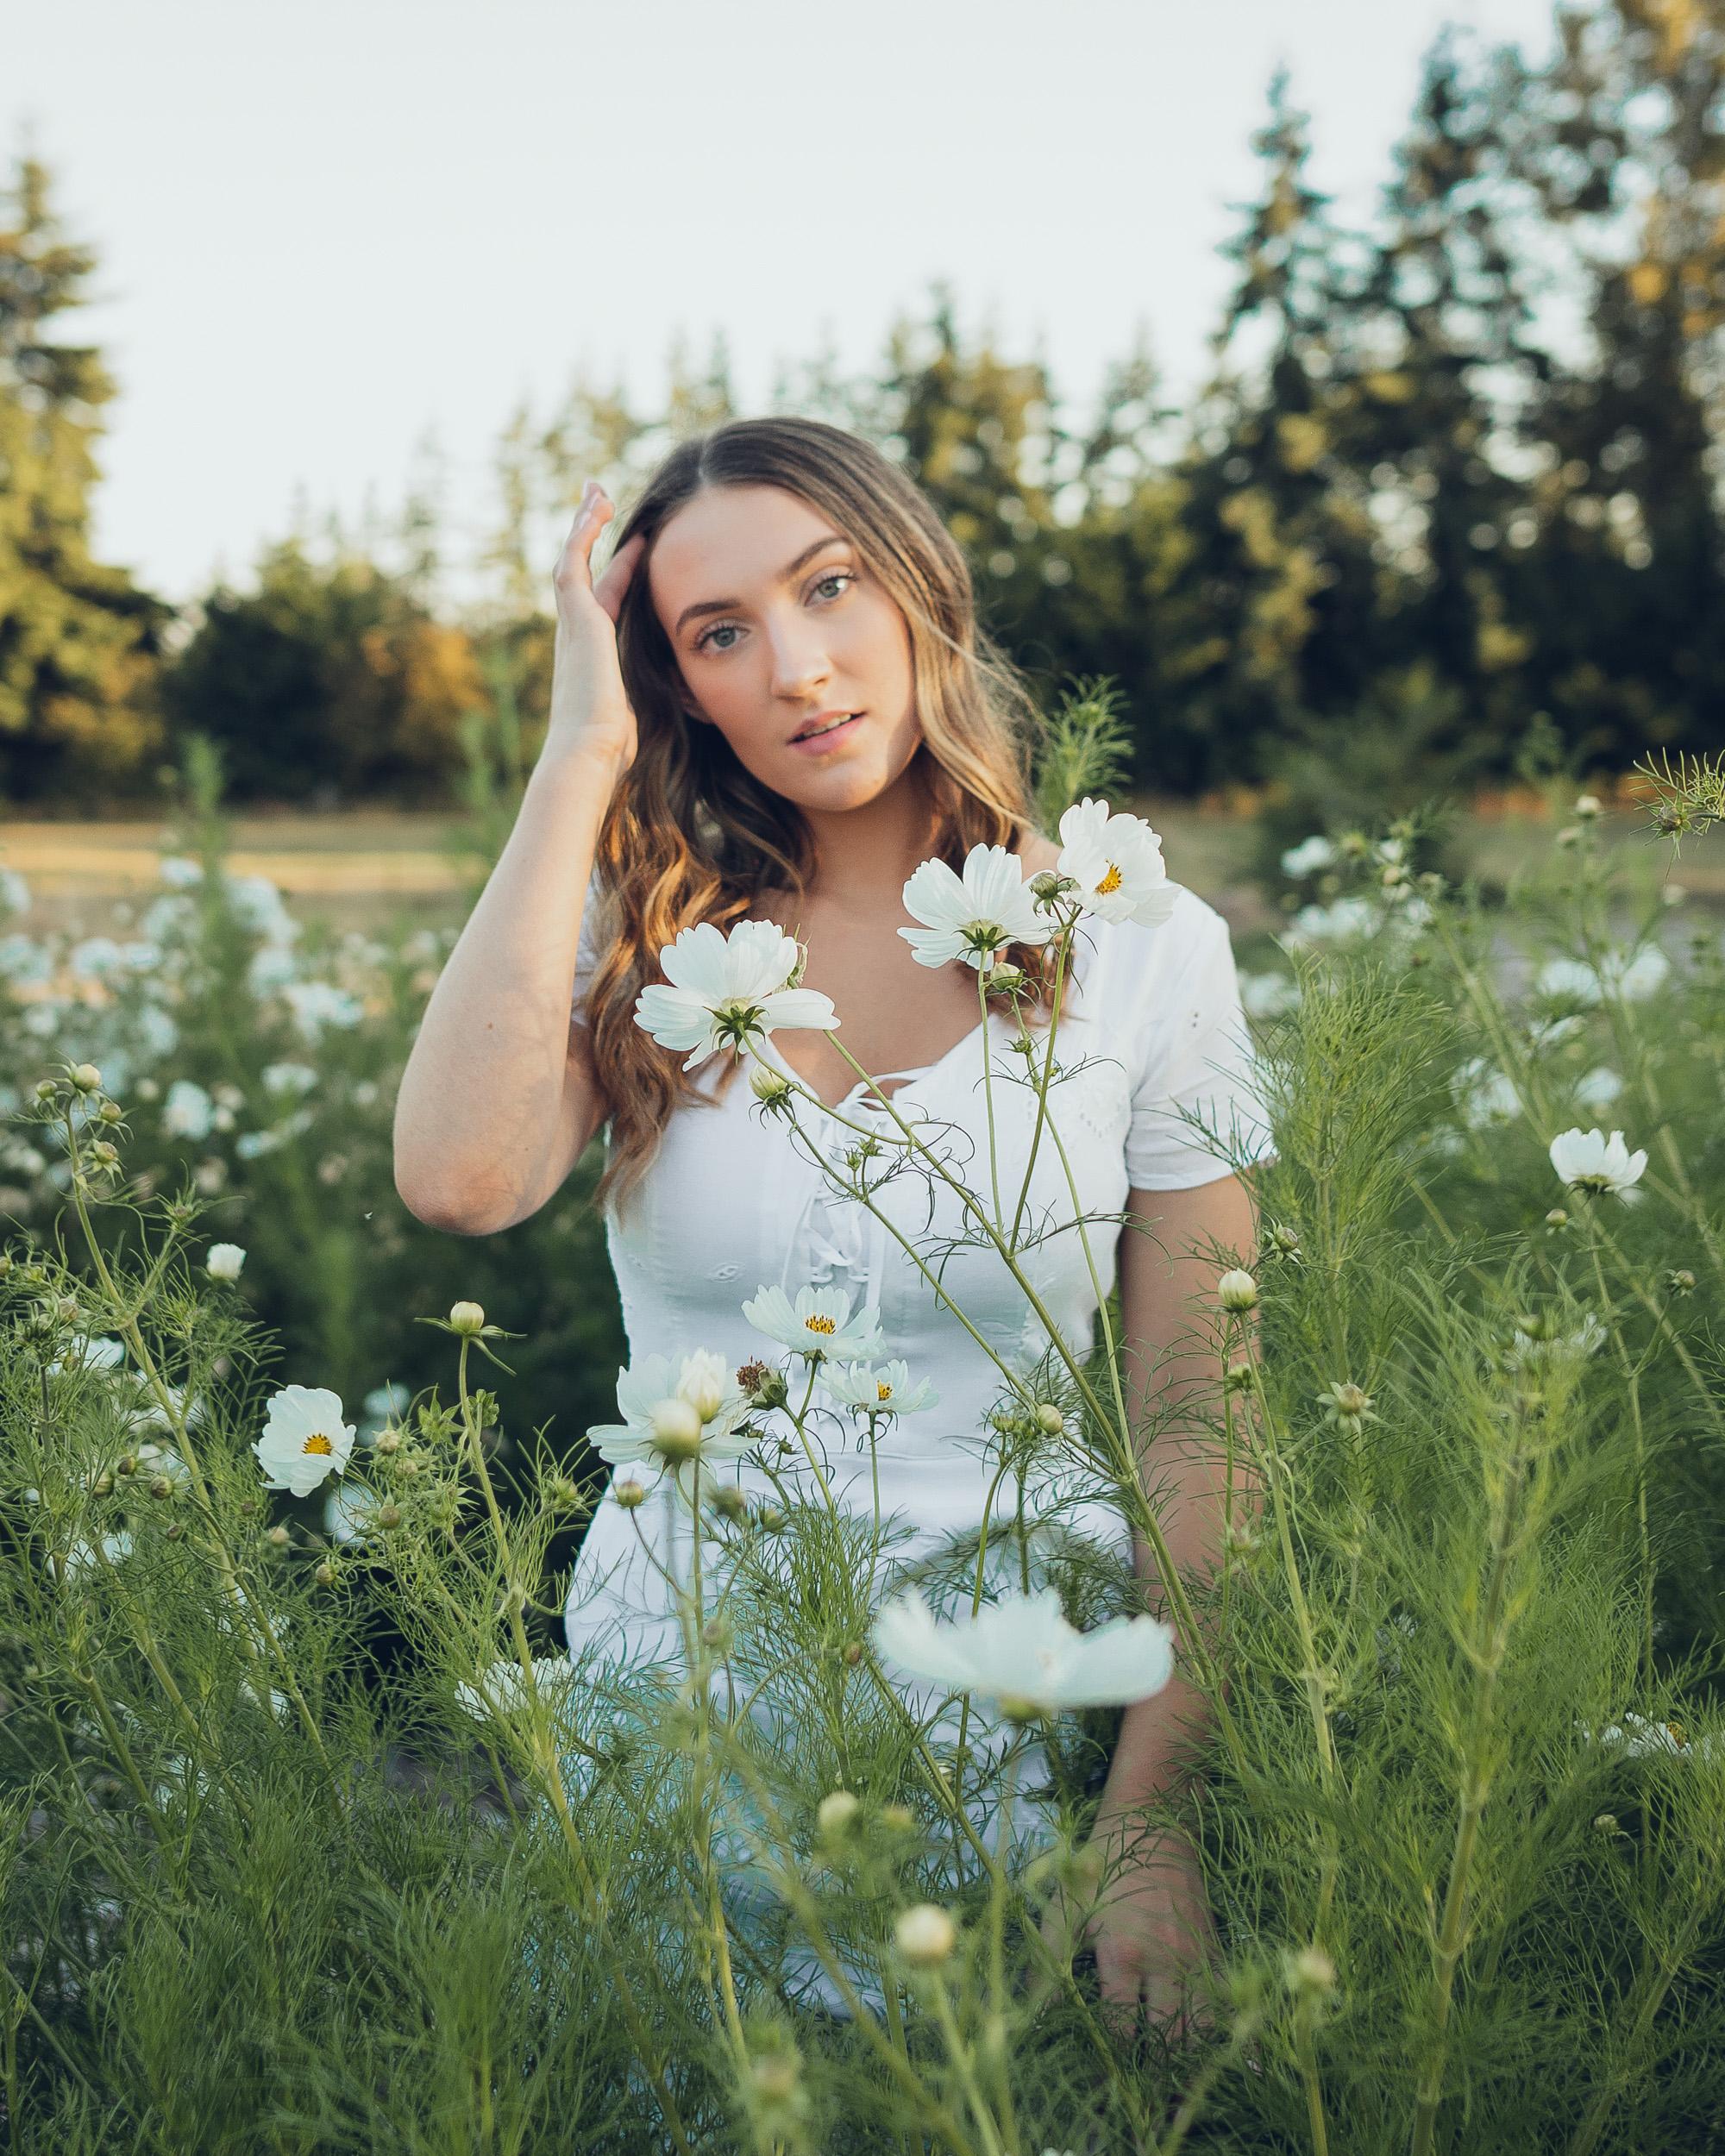 Seniorportraitsseattle-37.jpg